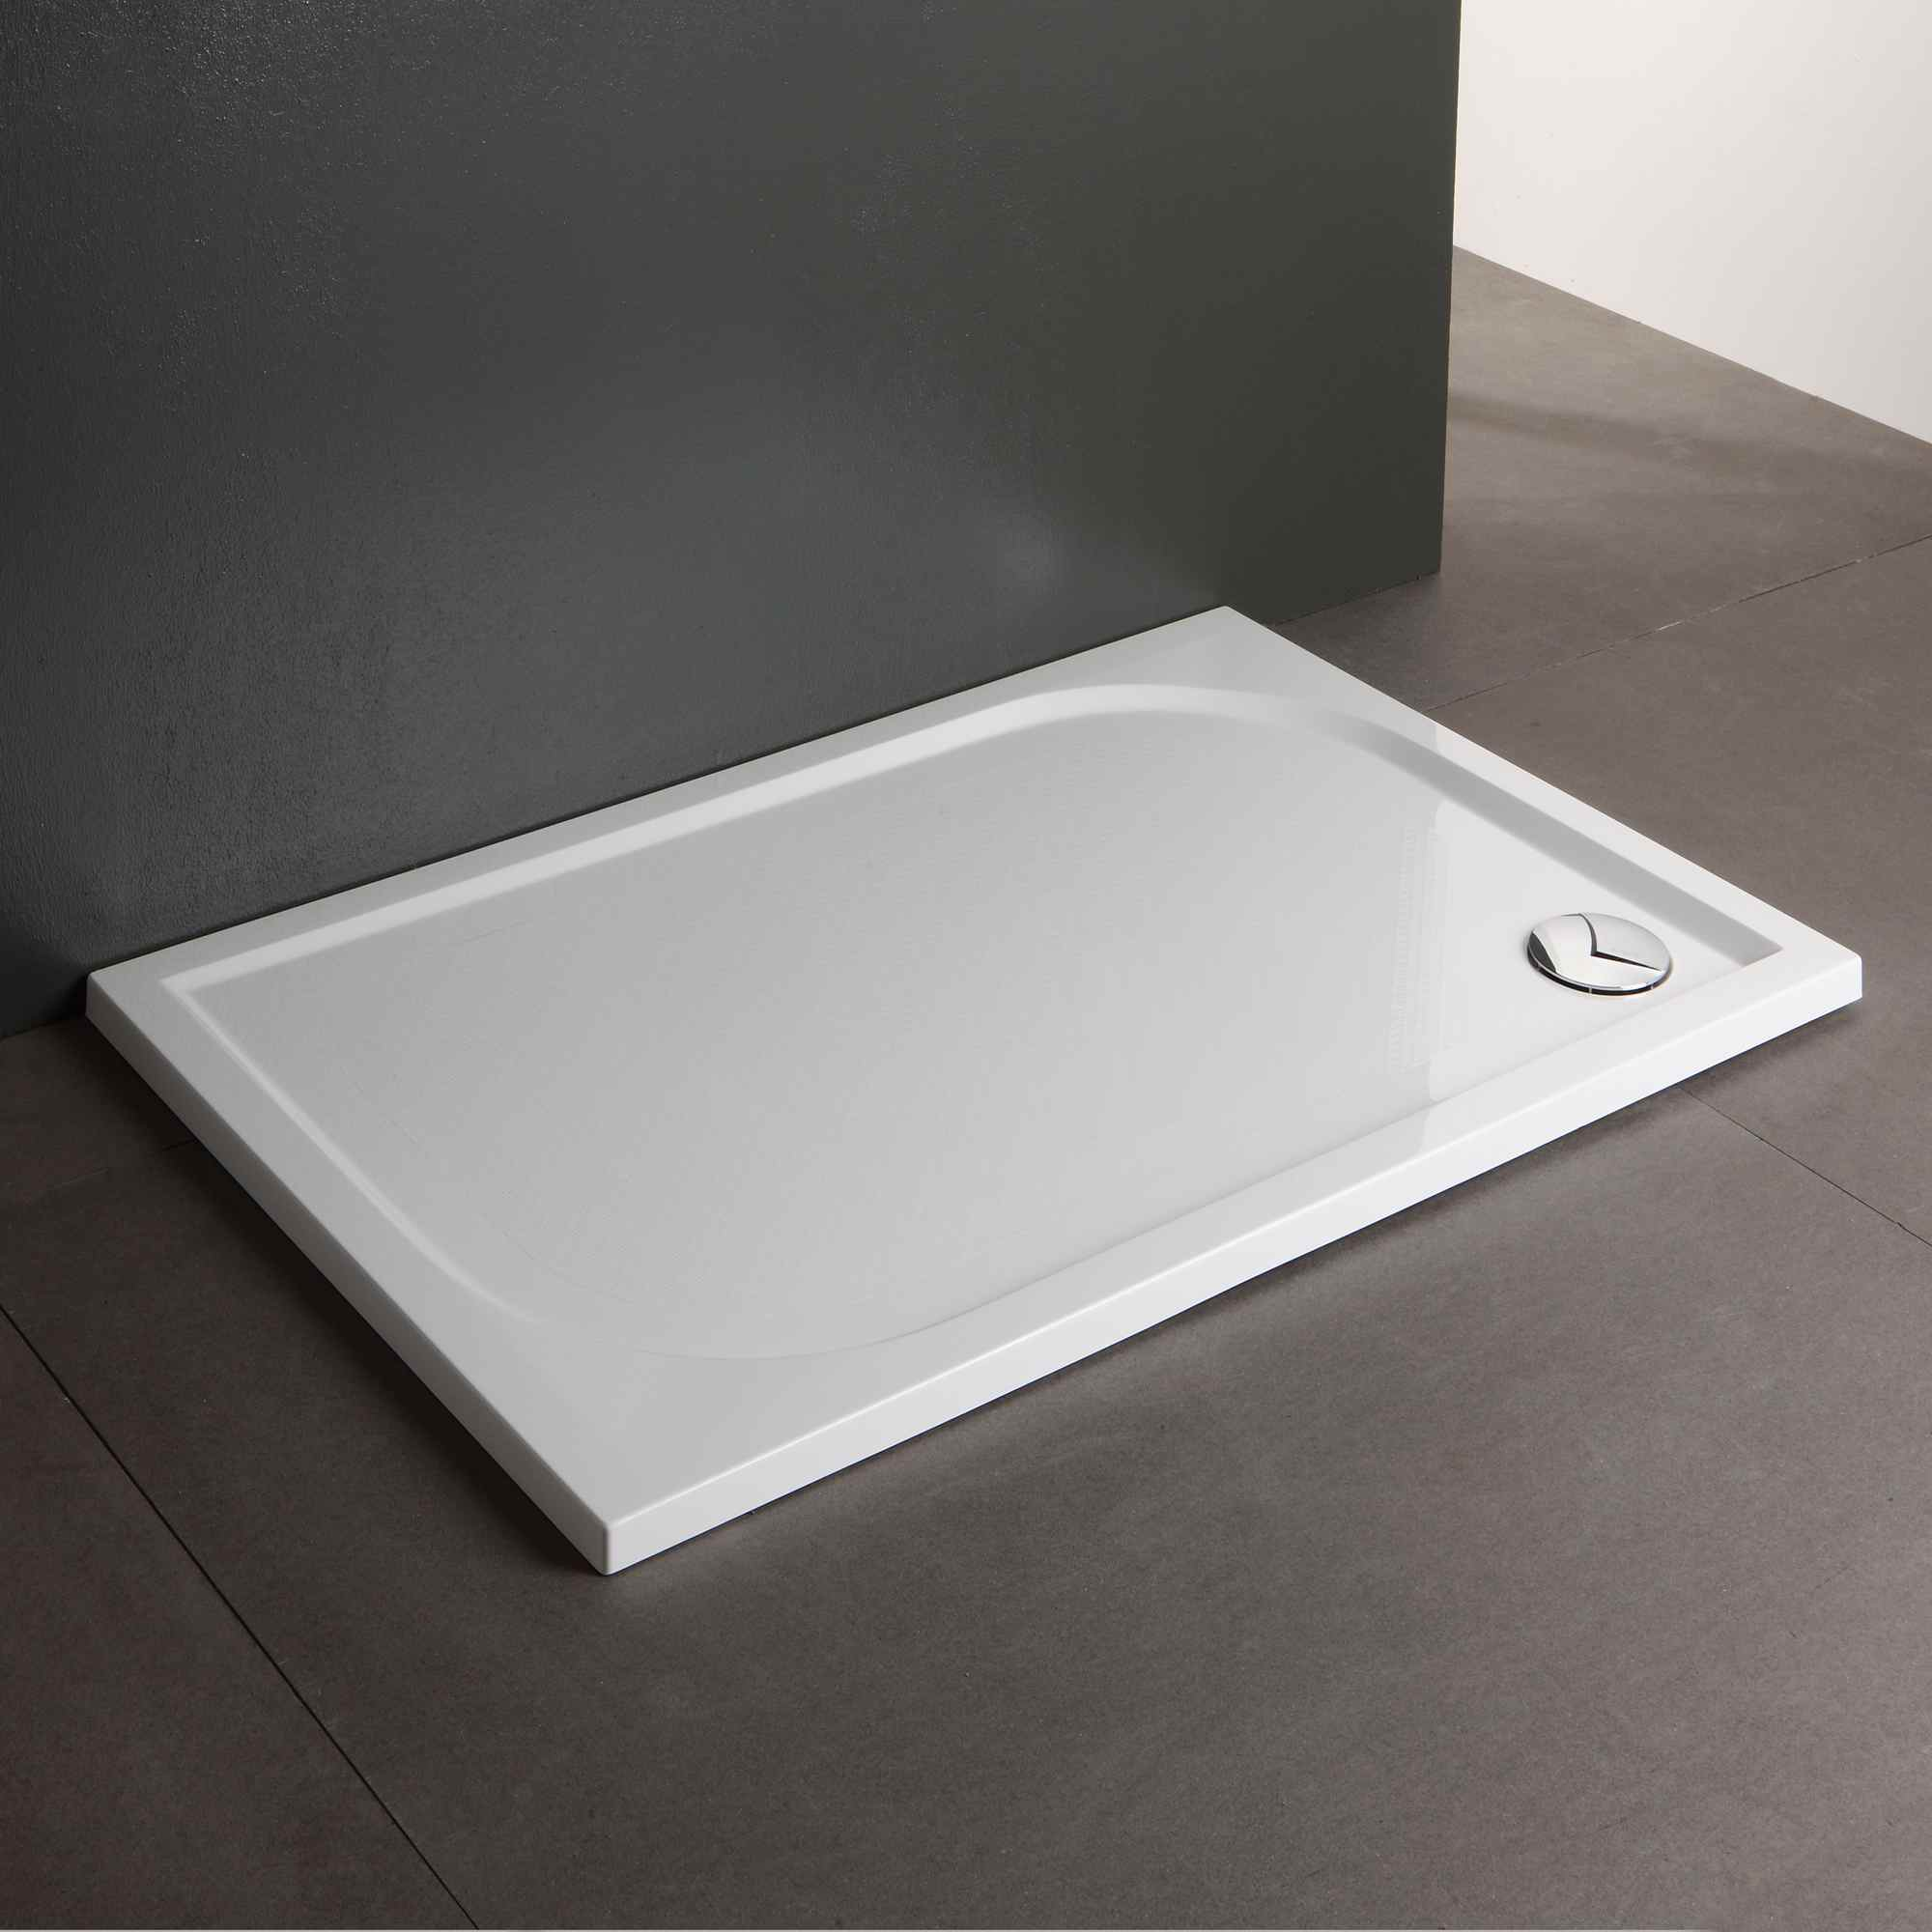 Piatto doccia 80 x 120 cm a filo pavimento ultra sottile - Piatto doccia marmogres ...